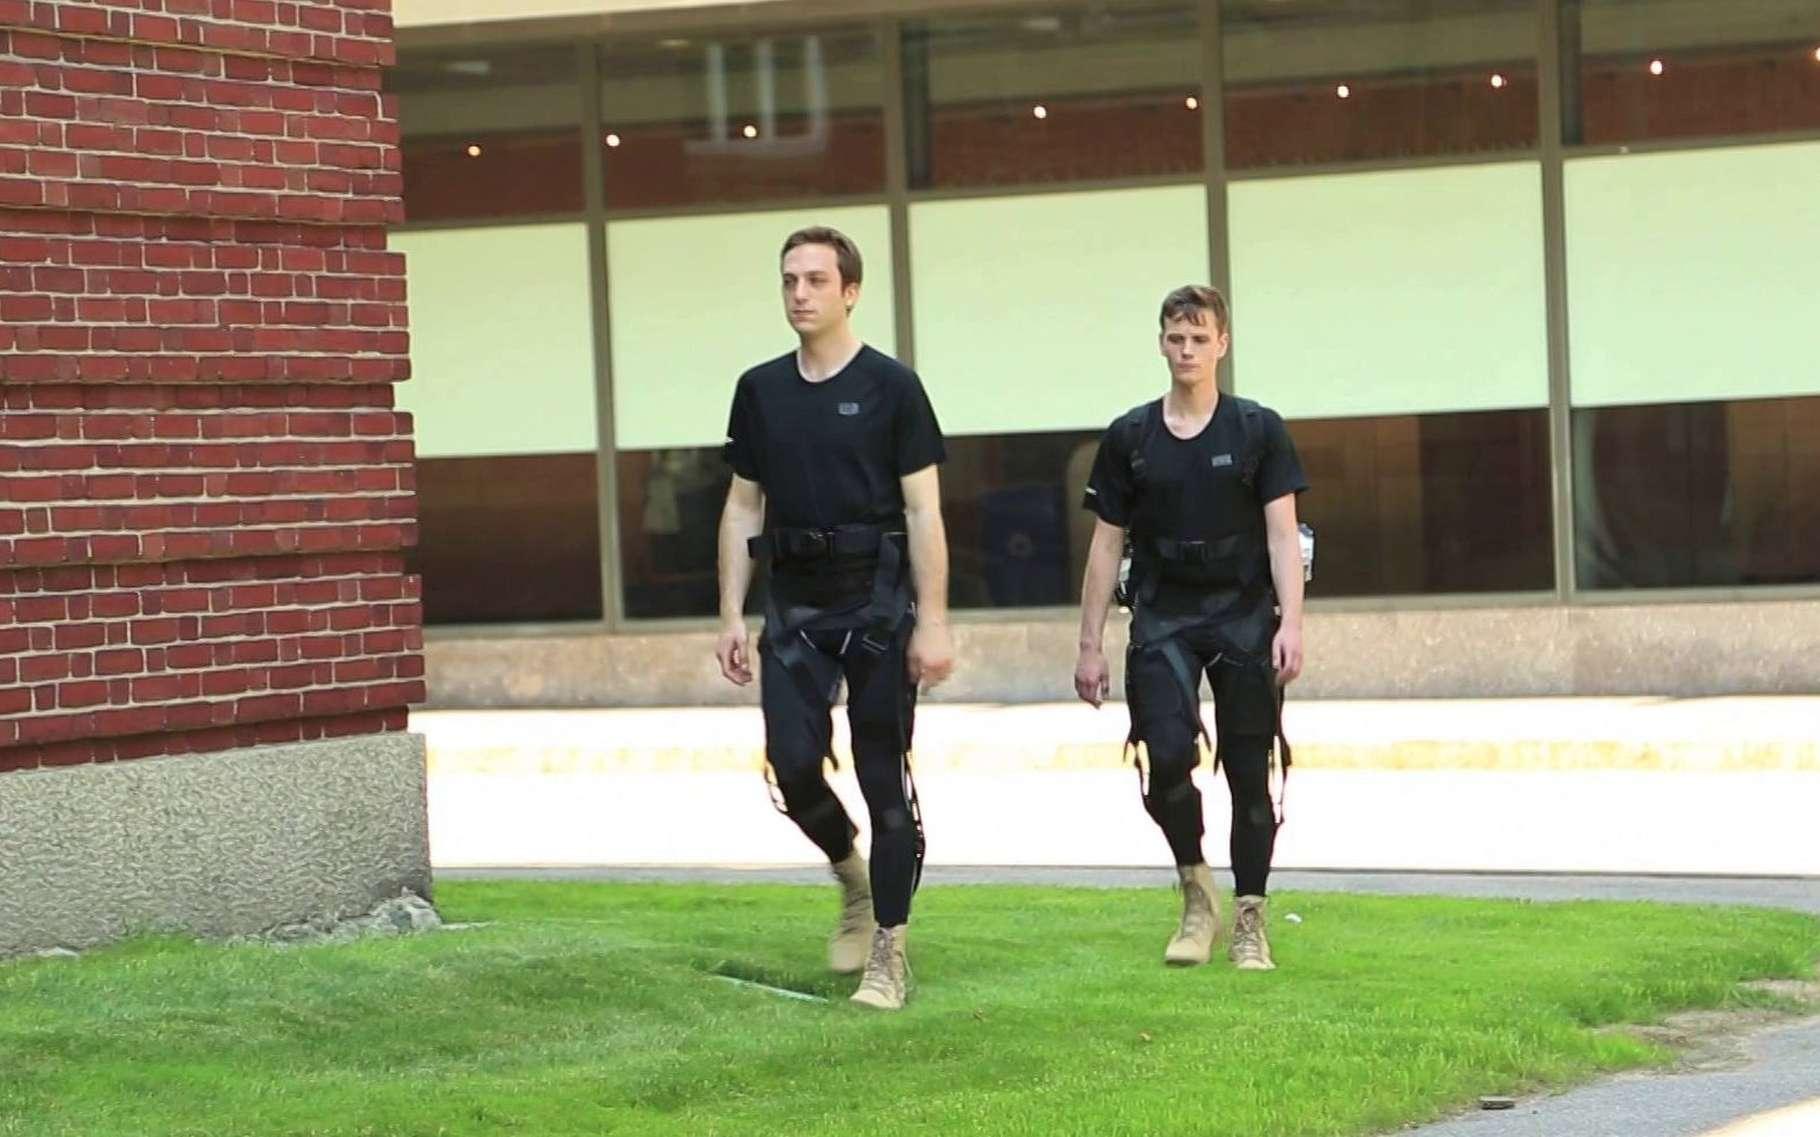 Développé par une équipe de l'université d'Harvard, l'exosquelette souple Soft Exosuit apporte une assistance à la marche pour améliorer l'endurance et l'équilibre. Il peut être porté sous les vêtements. La Darpa, l'agence de recherche et développement de l'armée US, a octroyé un financement de 2,9 millions de dollars pour faire aboutir le projet. © Harvard's Wyss Institute